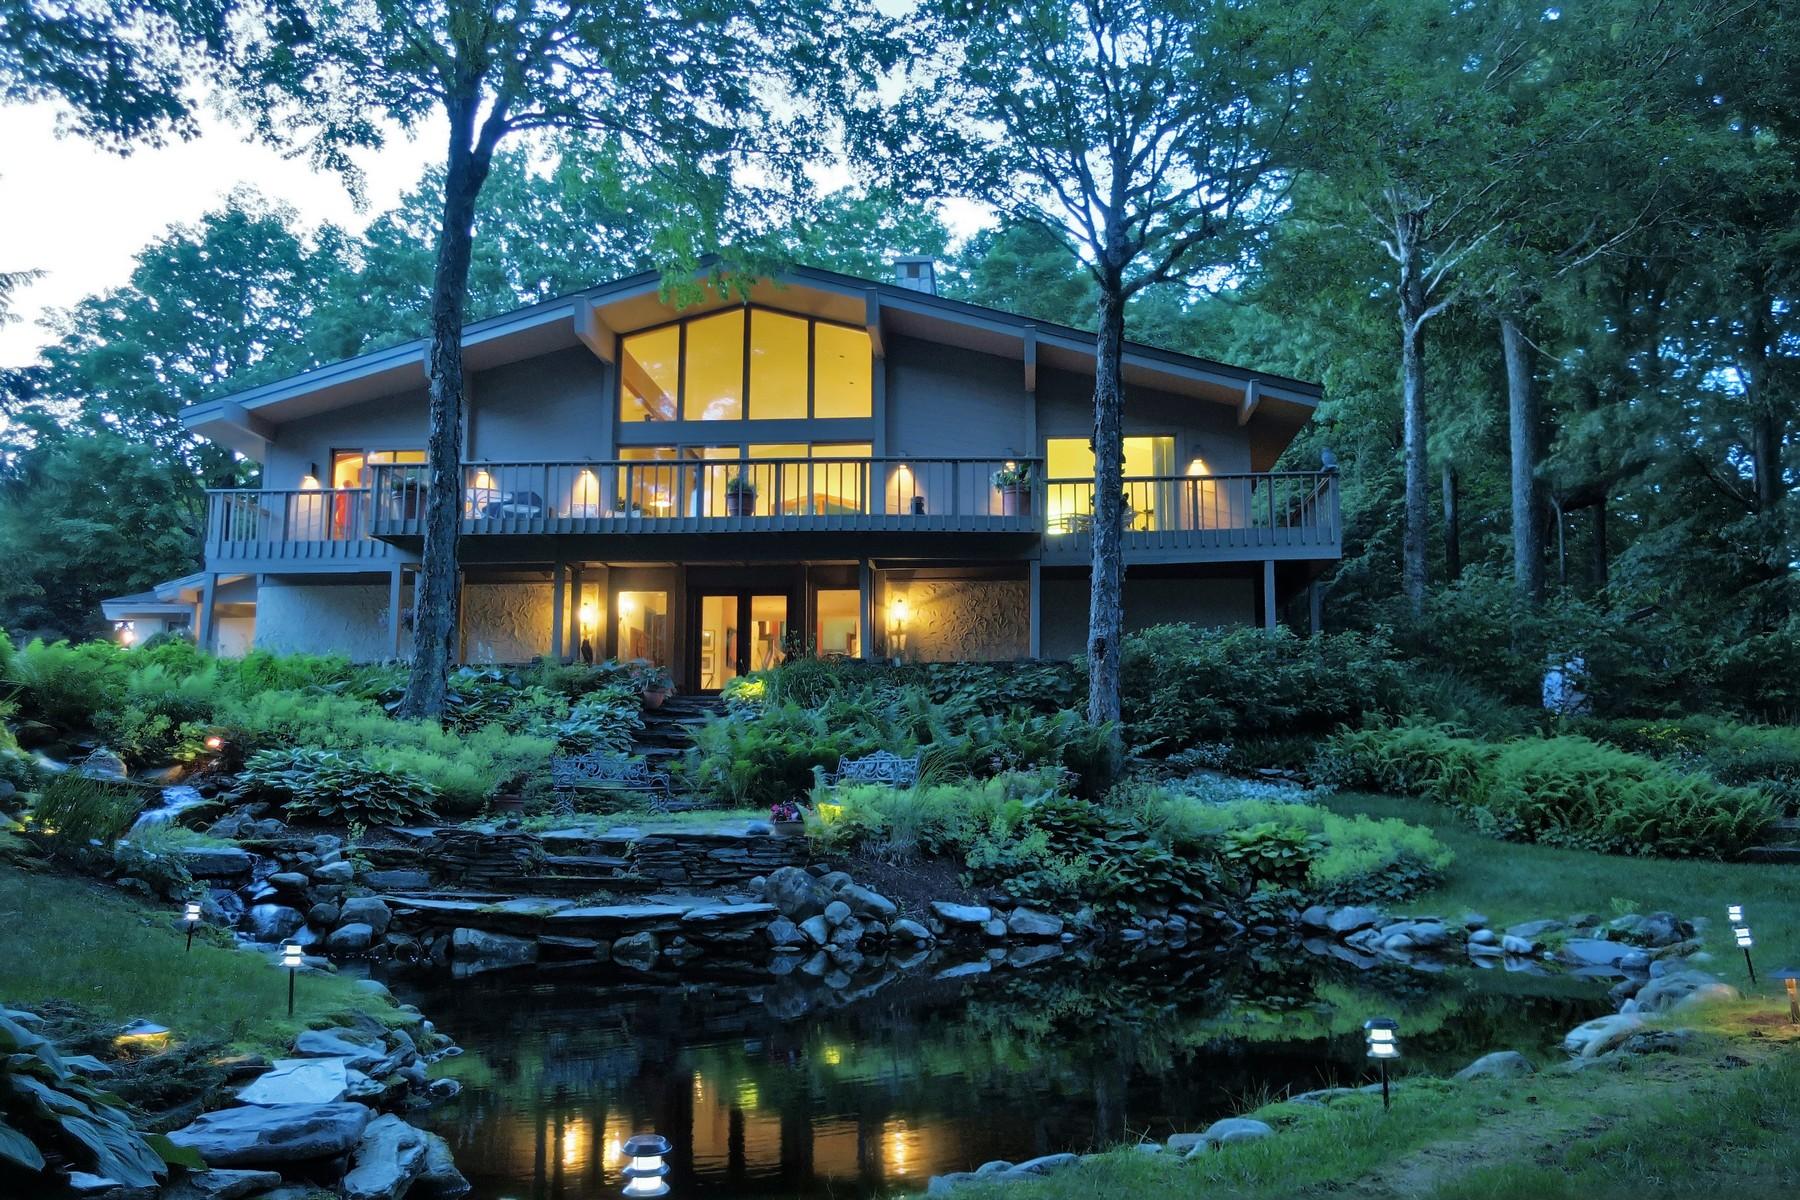 Villa per Vendita alle ore 91 West Ridge Road, Stratton 91 West Ridge Rd Stratton, Vermont, 05155 Stati Uniti